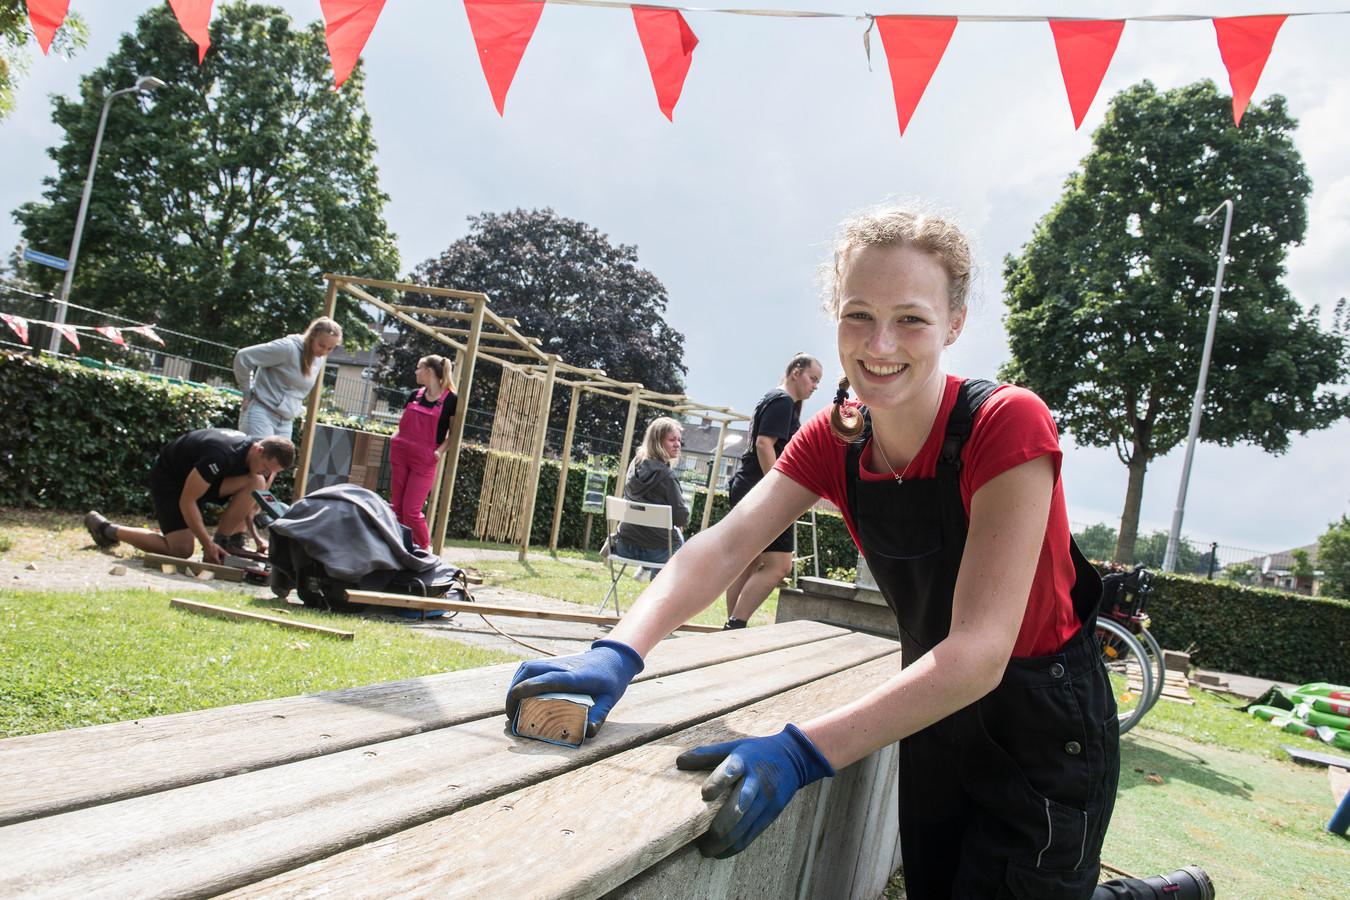 Geldermalsen 26/07/2021 - Vrijwilliger Nynke Boonstra helpt mee de Rietpol op te knappen - iov Gelderlander - dgfoto - Foto Raphael Drent